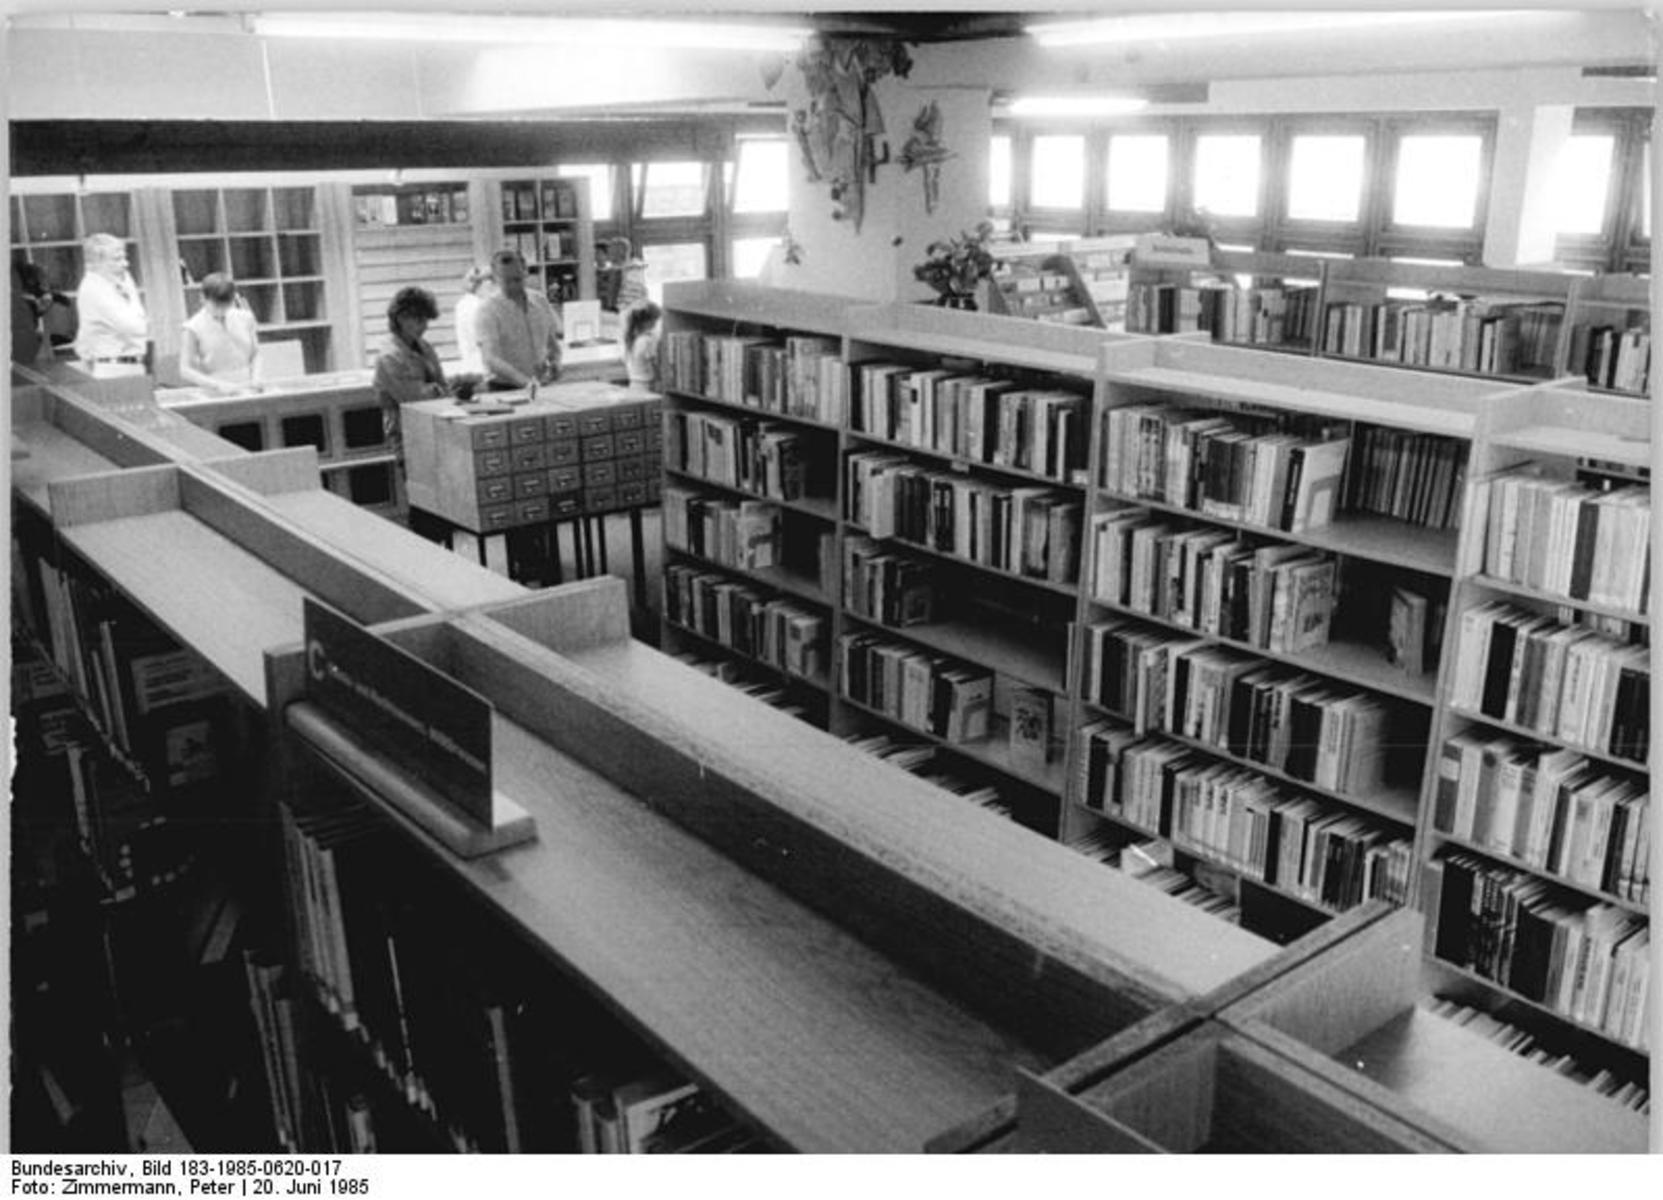 Bundesarchiv_Bild_183-1985-0620-017,_Berlin,_öffentliche_Bibliothek,_Innenansicht.jpg